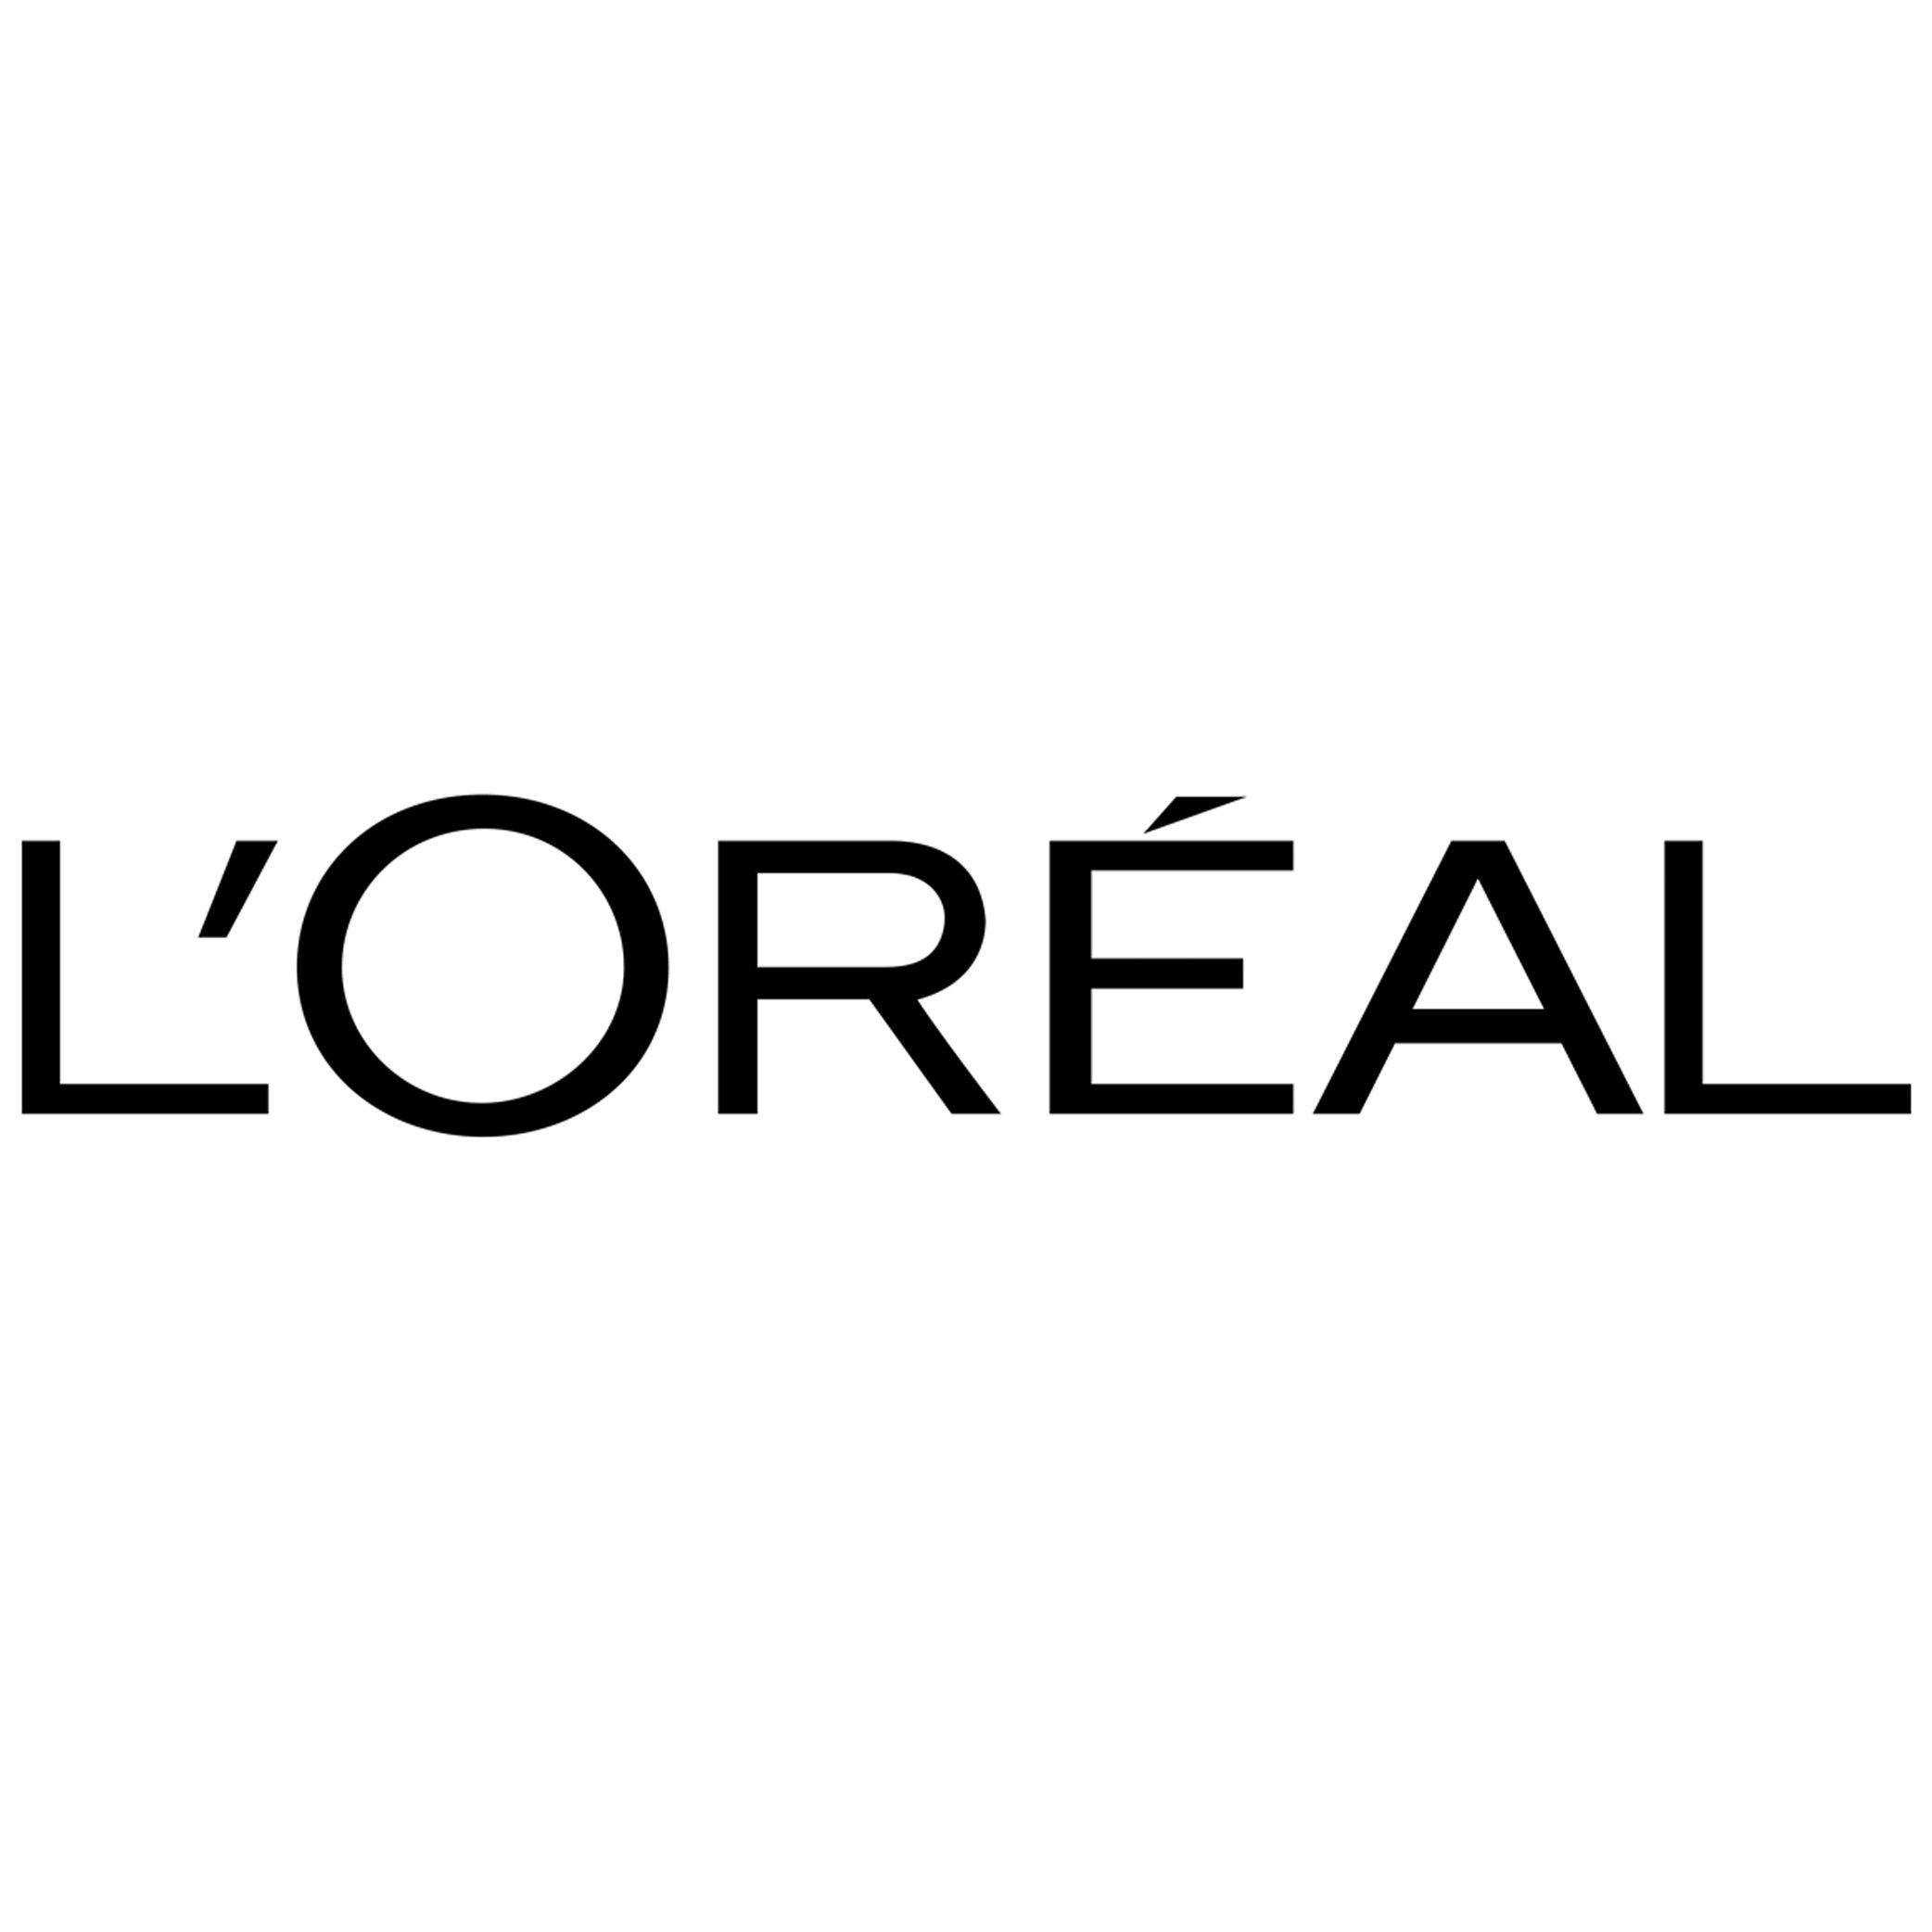 L'Oréal's logo